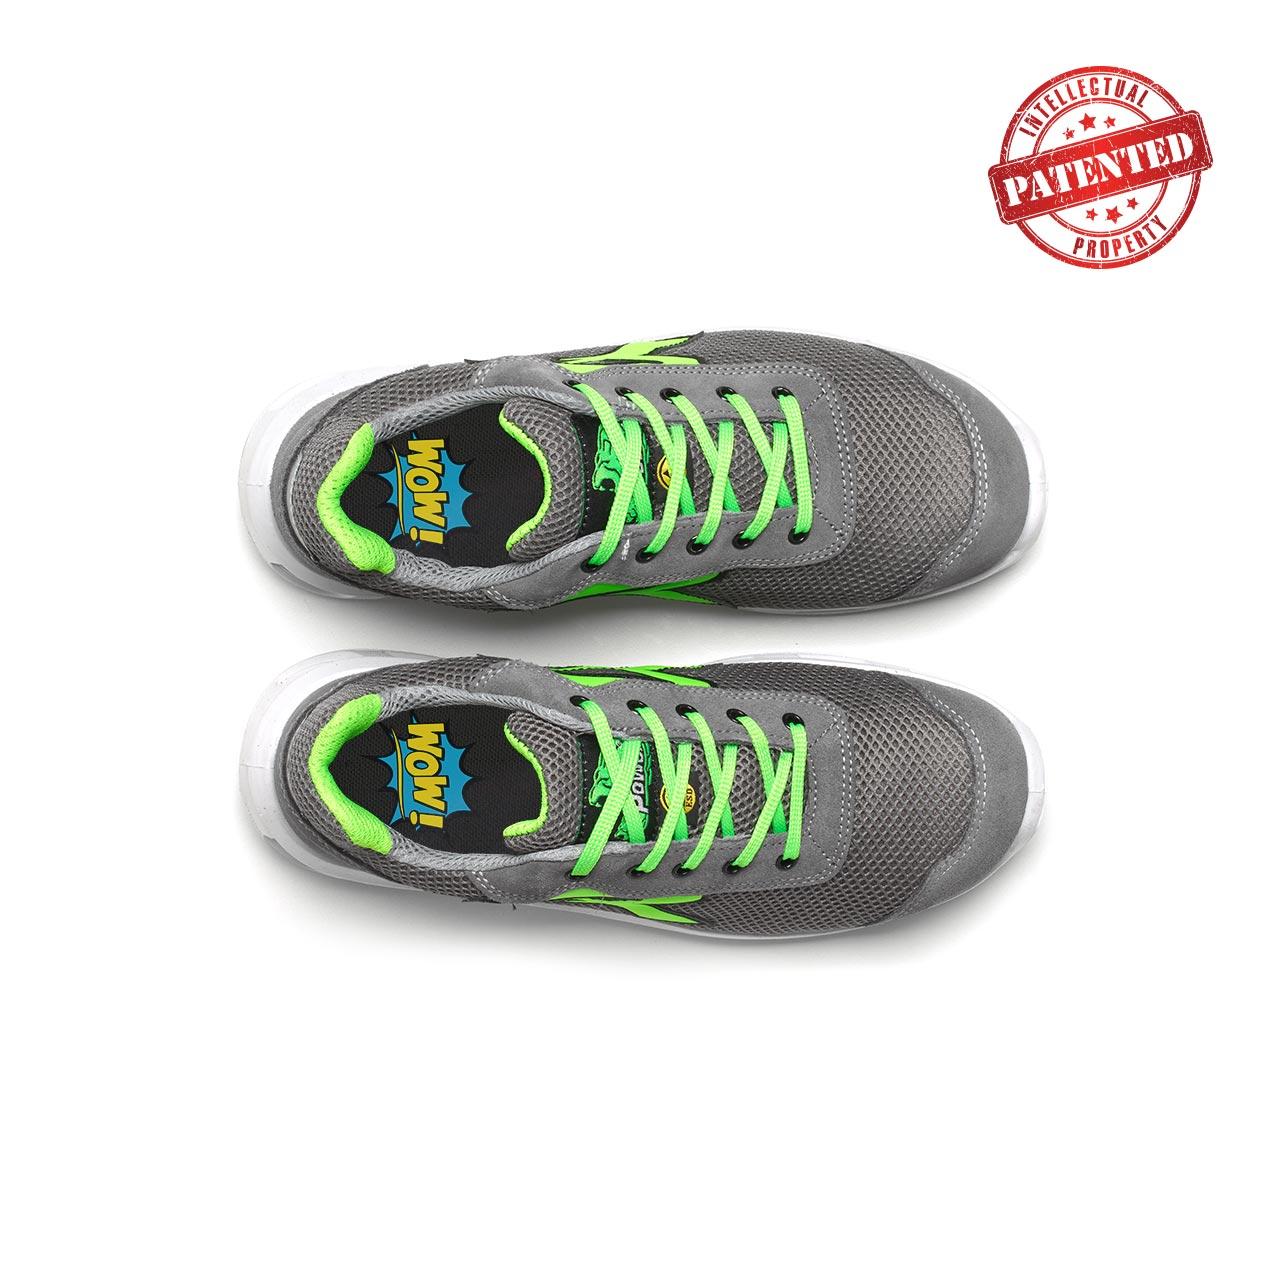 paio di scarpe antinfortunistiche upower modello summer linea redlion vista top